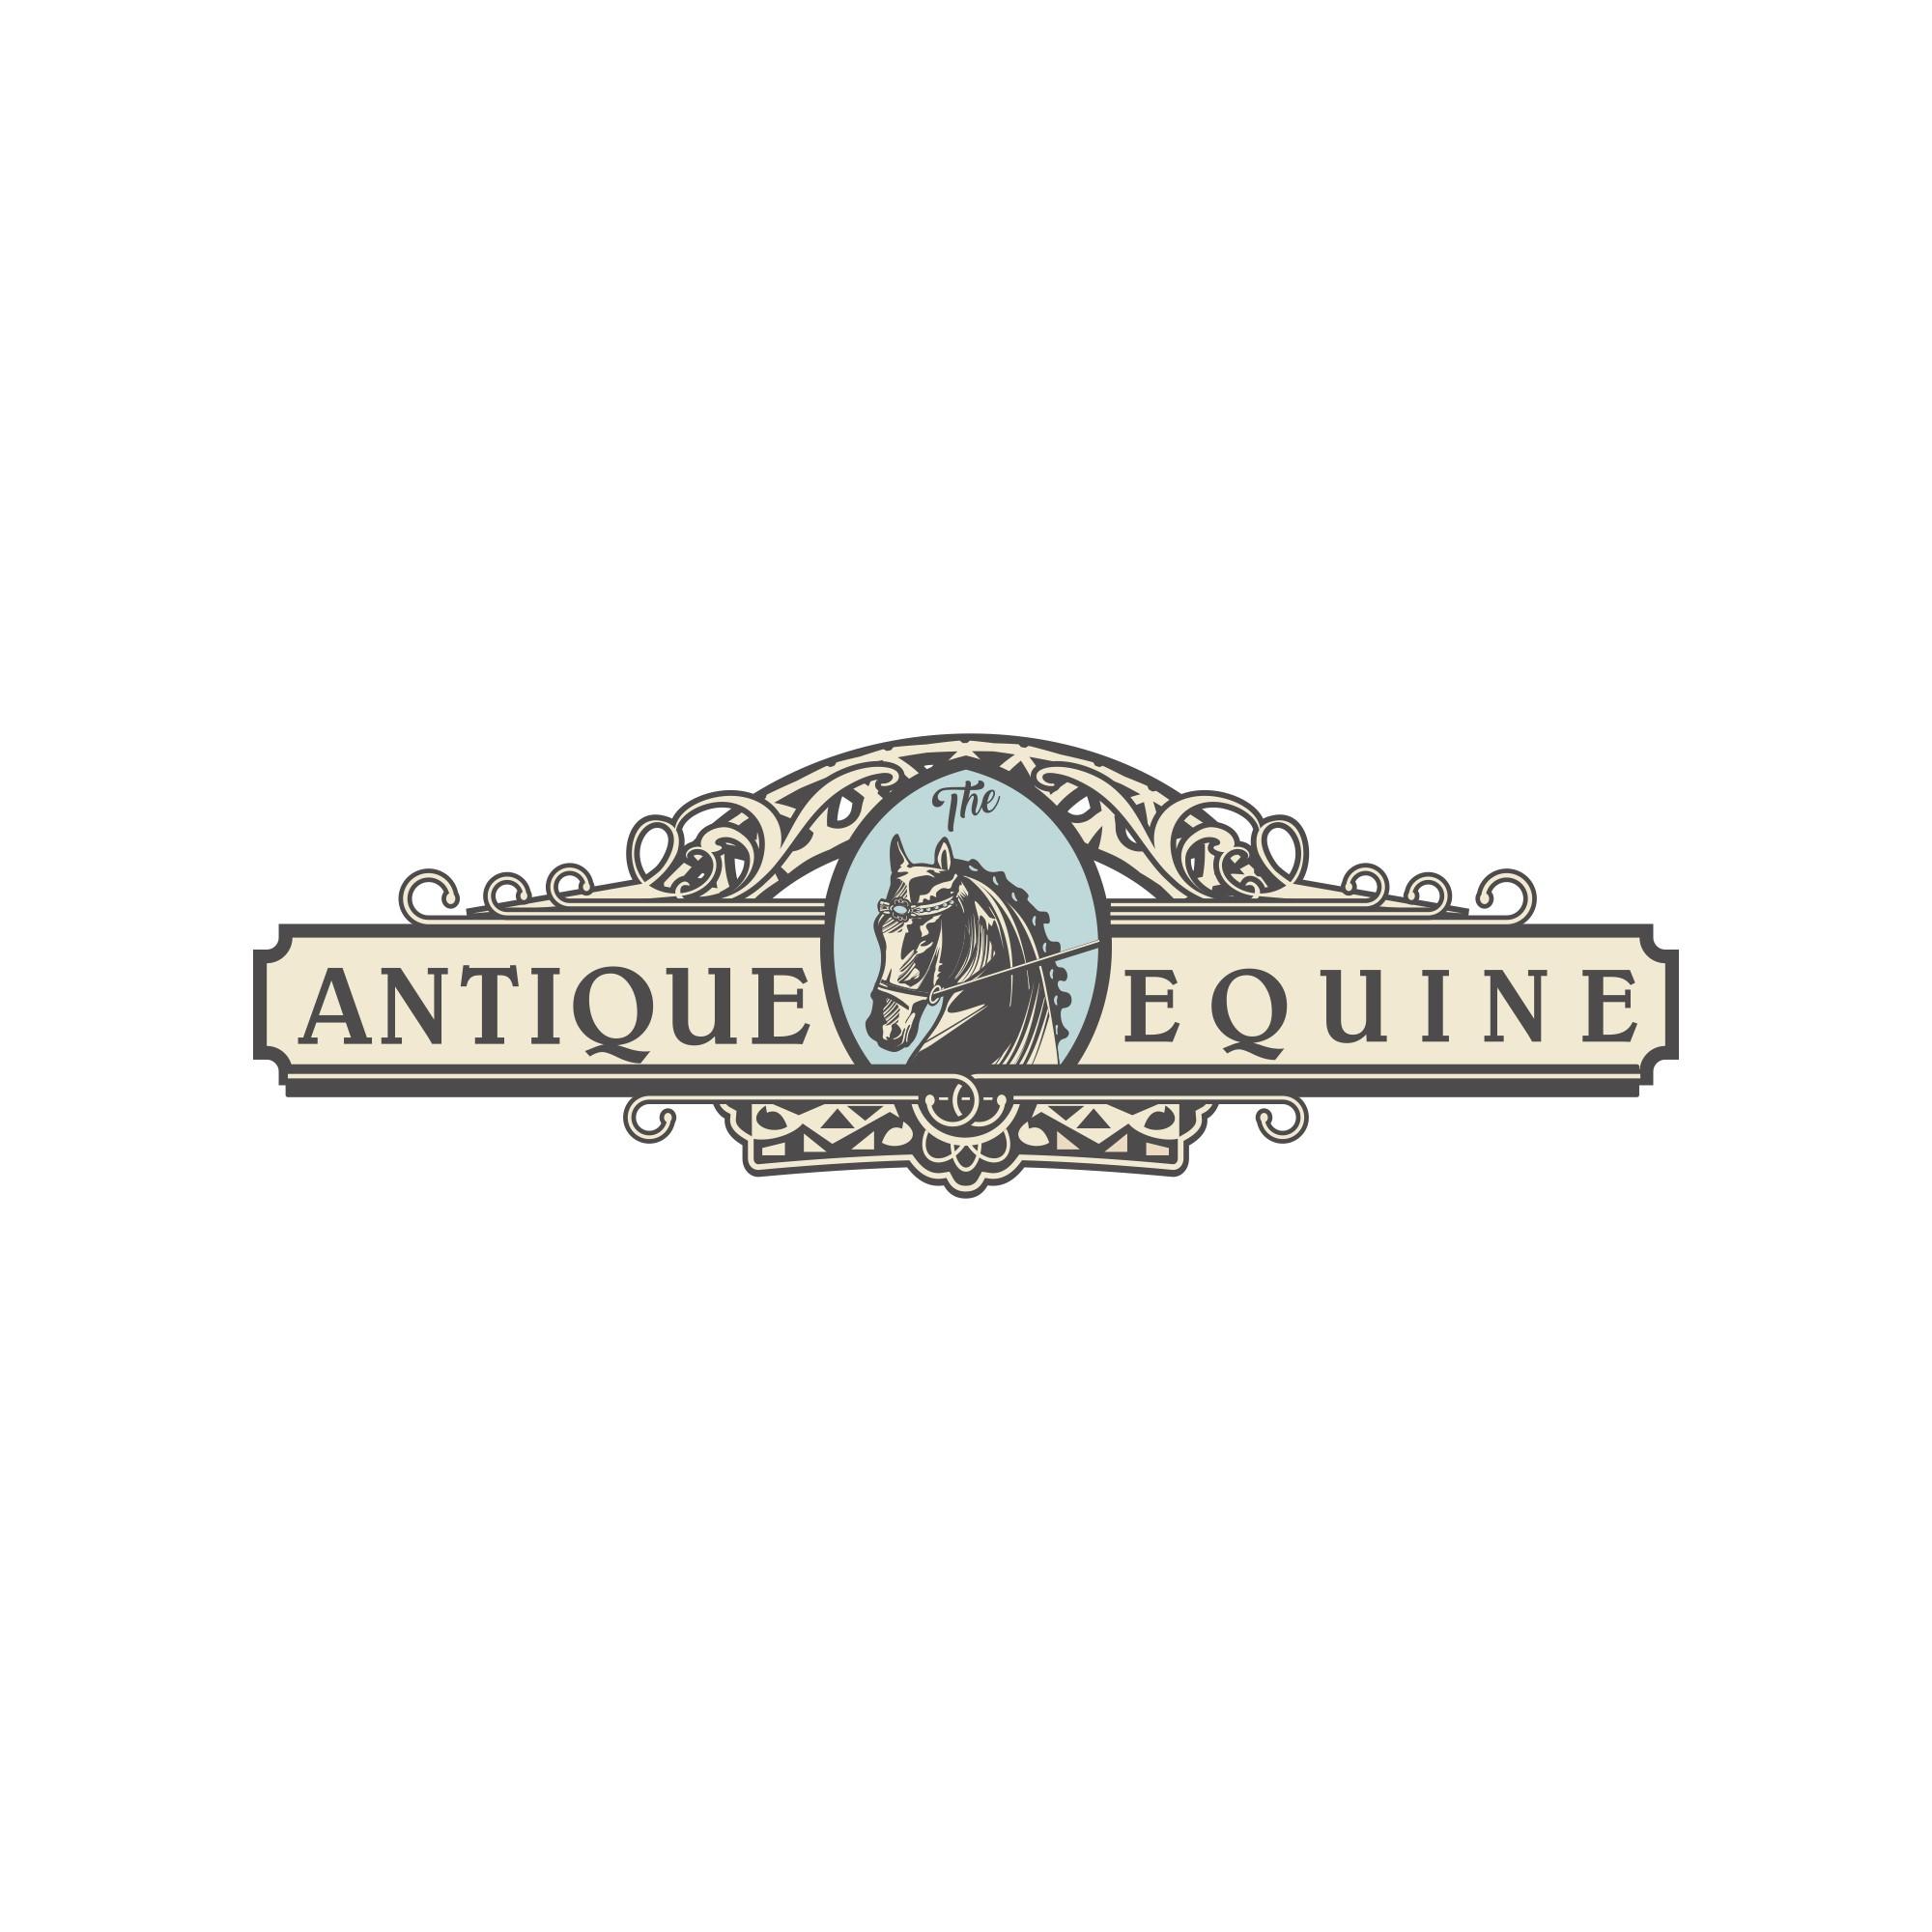 Antique Equine logo